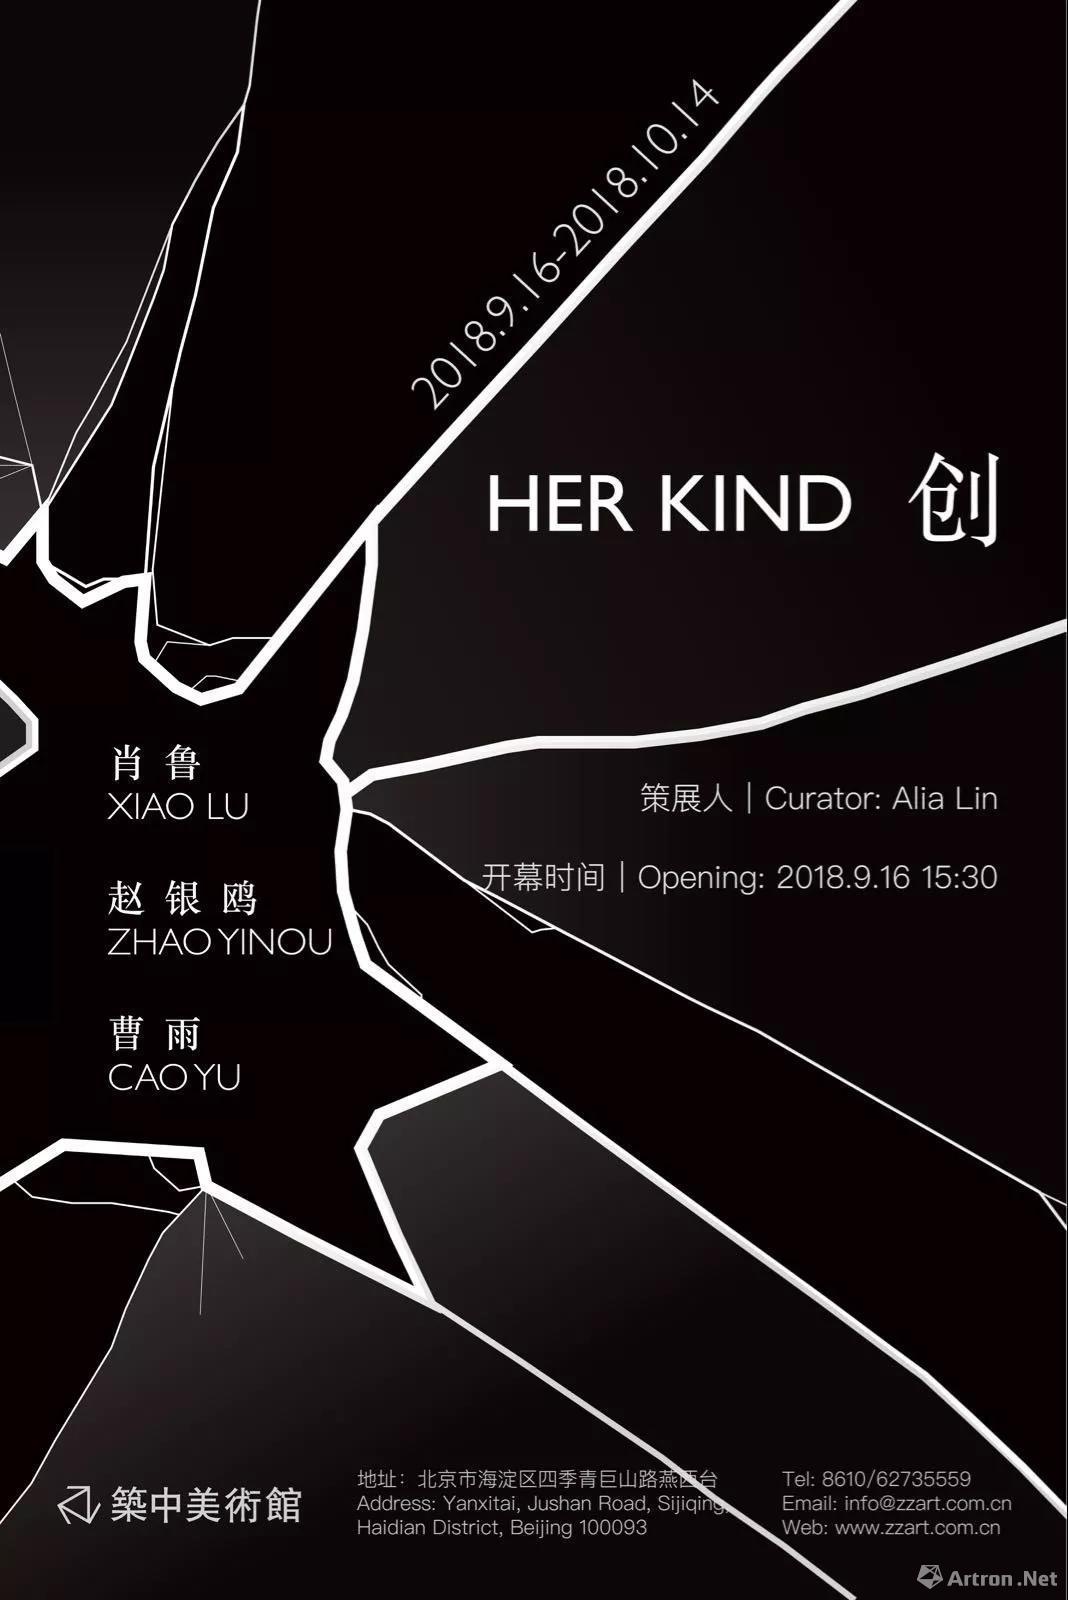 """""""HER KIND 创""""肖鲁 赵银鸥 曹雨三人展"""